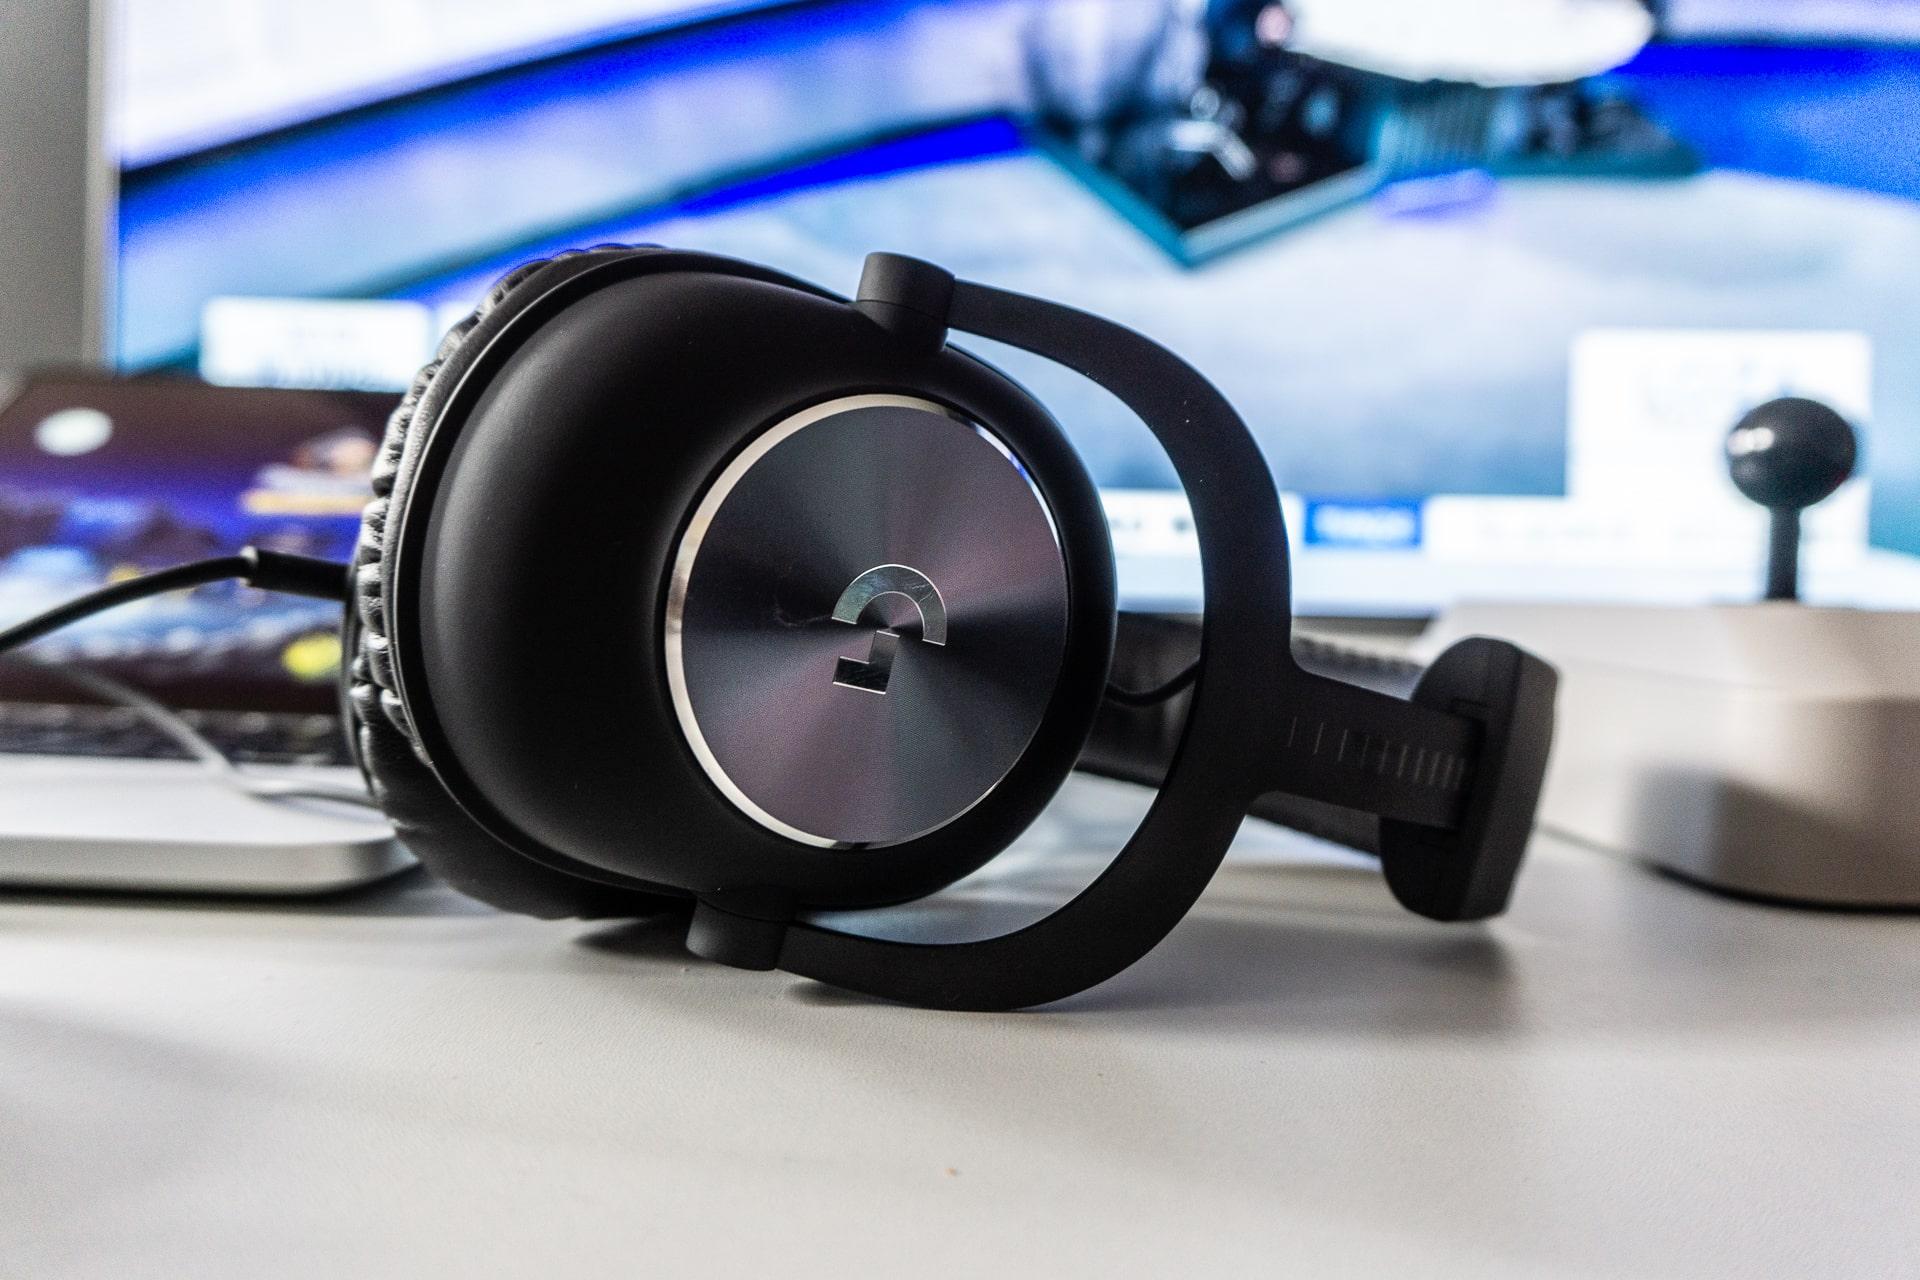 Logitech melanjutkan pisau dengan HyperX. Logitech G PRO X adalah mikrofon DAC eksternal, Biru, dan 7.1 dalam game - sebuah ulasan 6